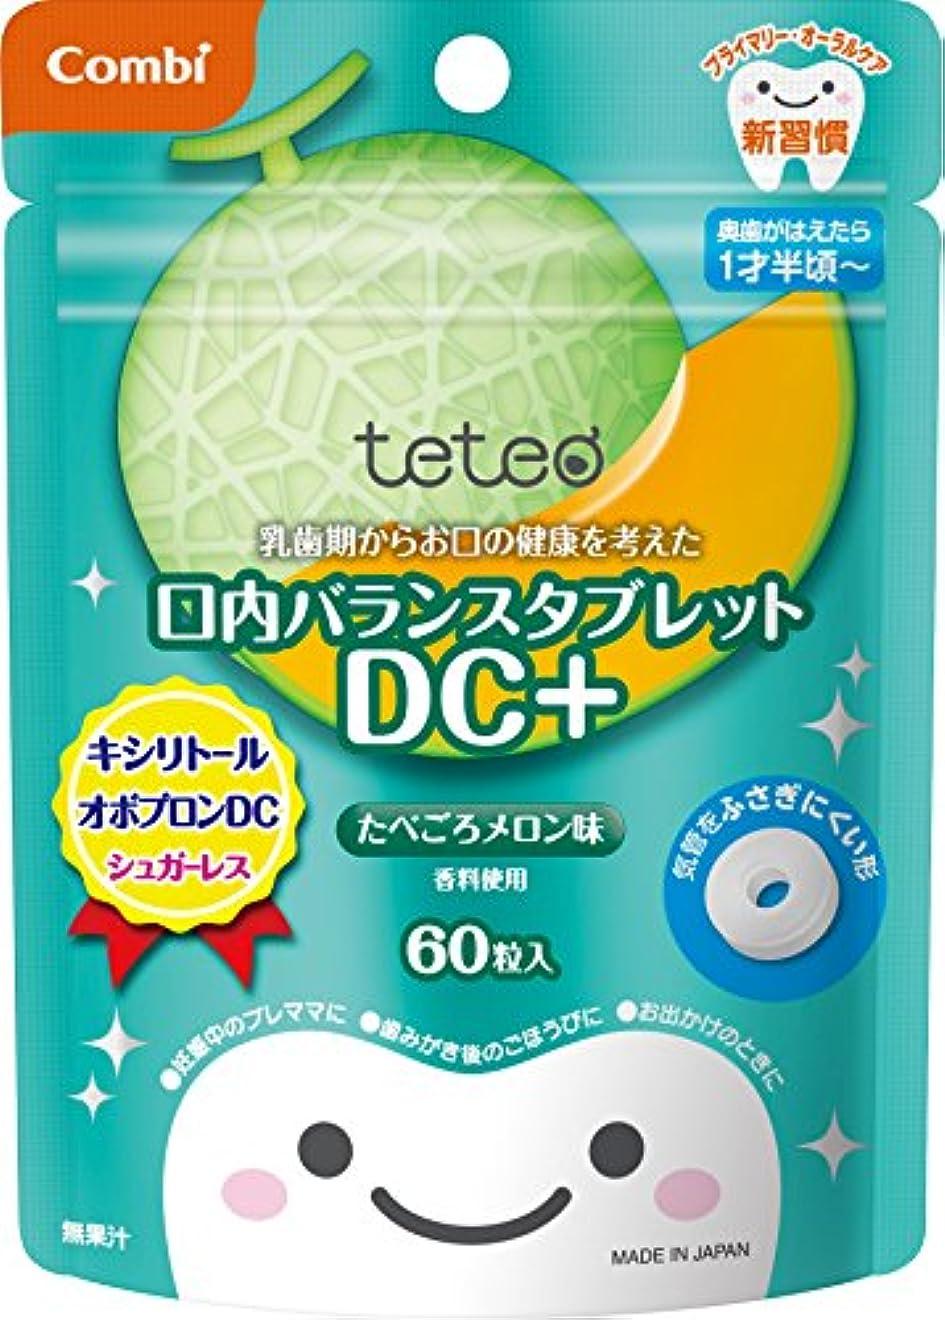 現金素子次コンビ テテオ 乳歯期からお口の健康を考えた 口内バランスタブレット DC+ たべごろメロン味 60粒入